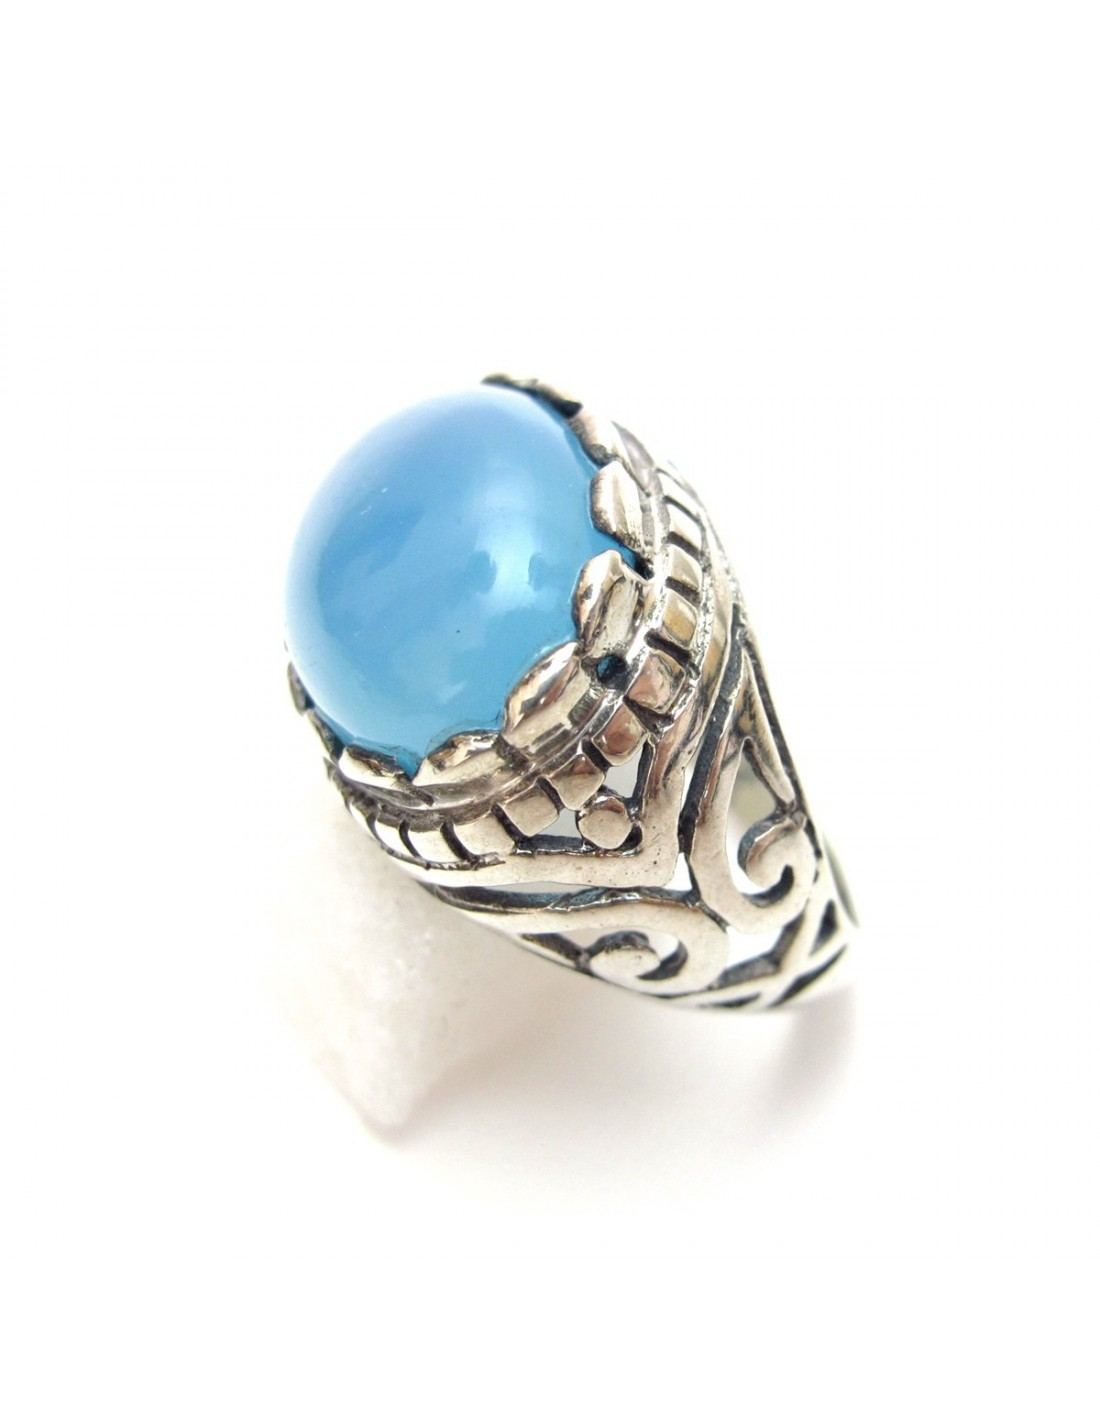 bague argent et onyx bleu ovale bijou et bagues argent inde b145. Black Bedroom Furniture Sets. Home Design Ideas